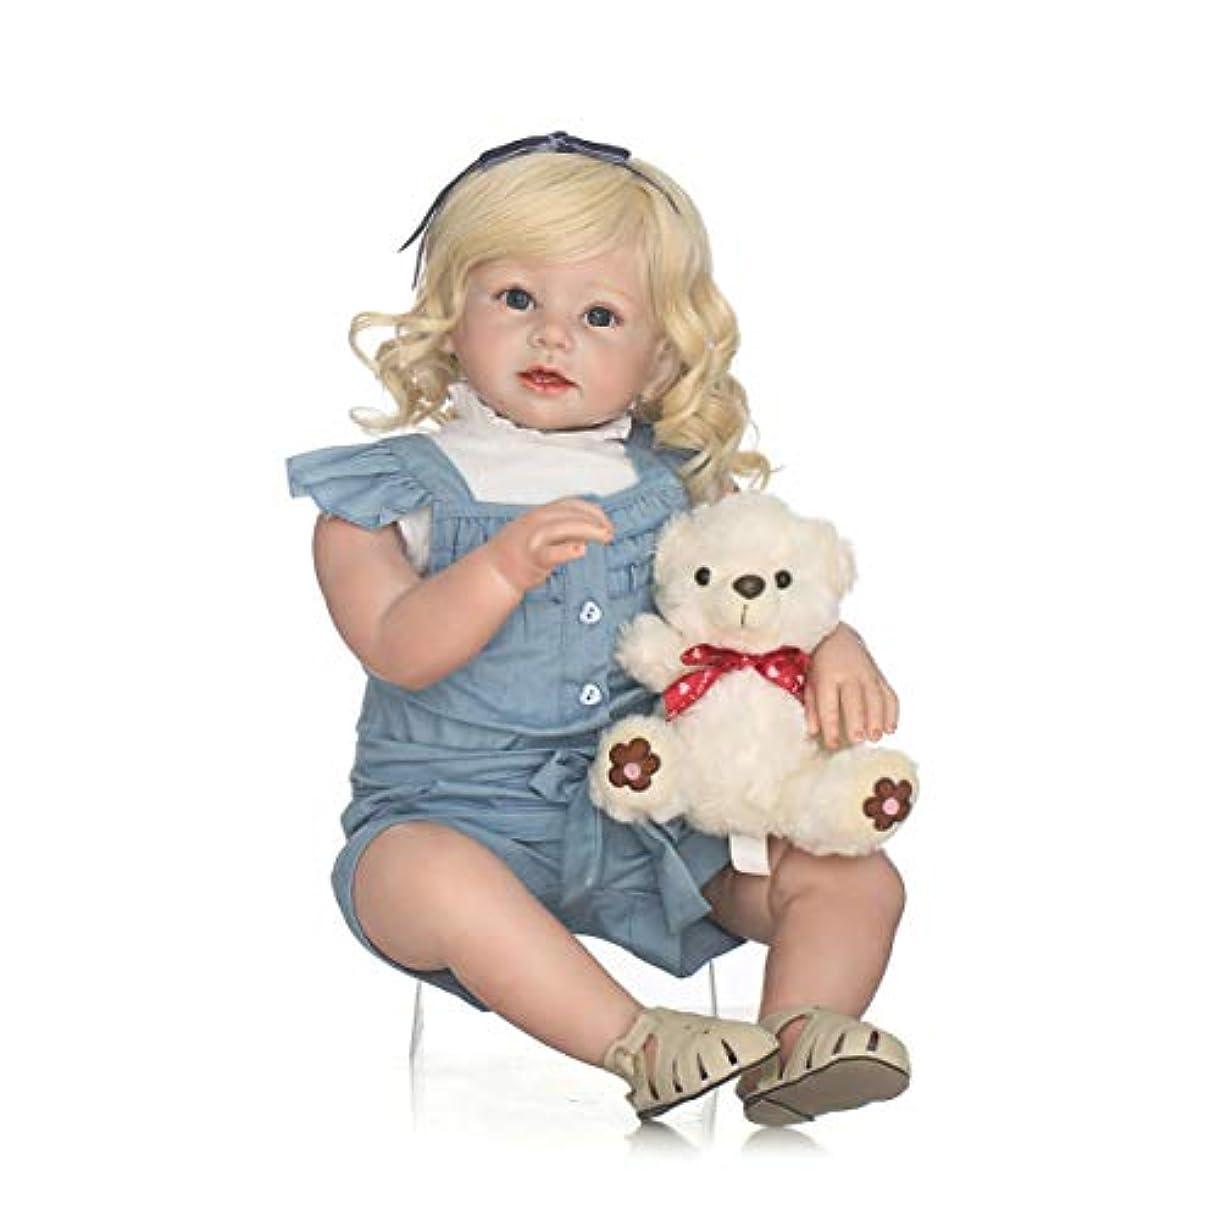 ロック解除構成員司令官28インチフルボディソフトシリコンビニールベビードール無毒で安全なおもちゃ手作りのエレガントリアルな幼児新生児ベビードールおもちゃ-カラフル